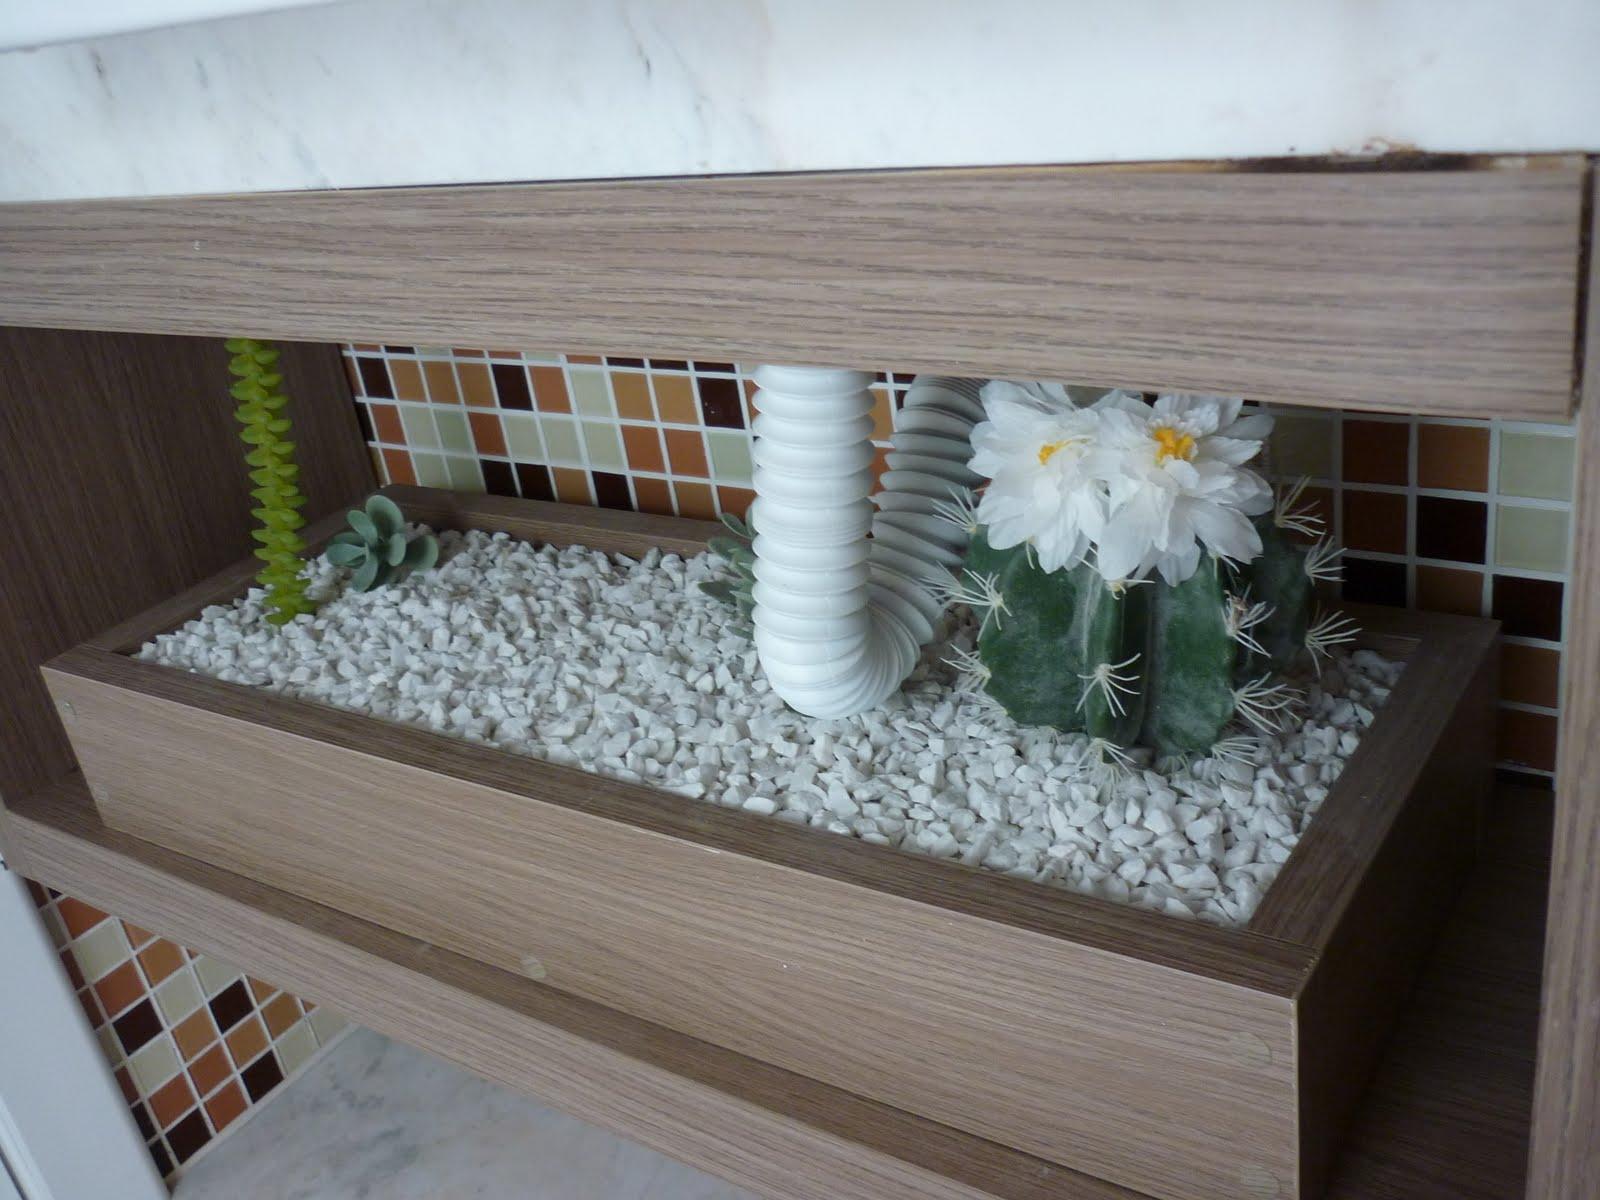 lavabo minusculo:Caixa com pedriscos e plantas ou sómente caixa para #495C33 1600x1200 Armario De Banheiro Em Espanhol